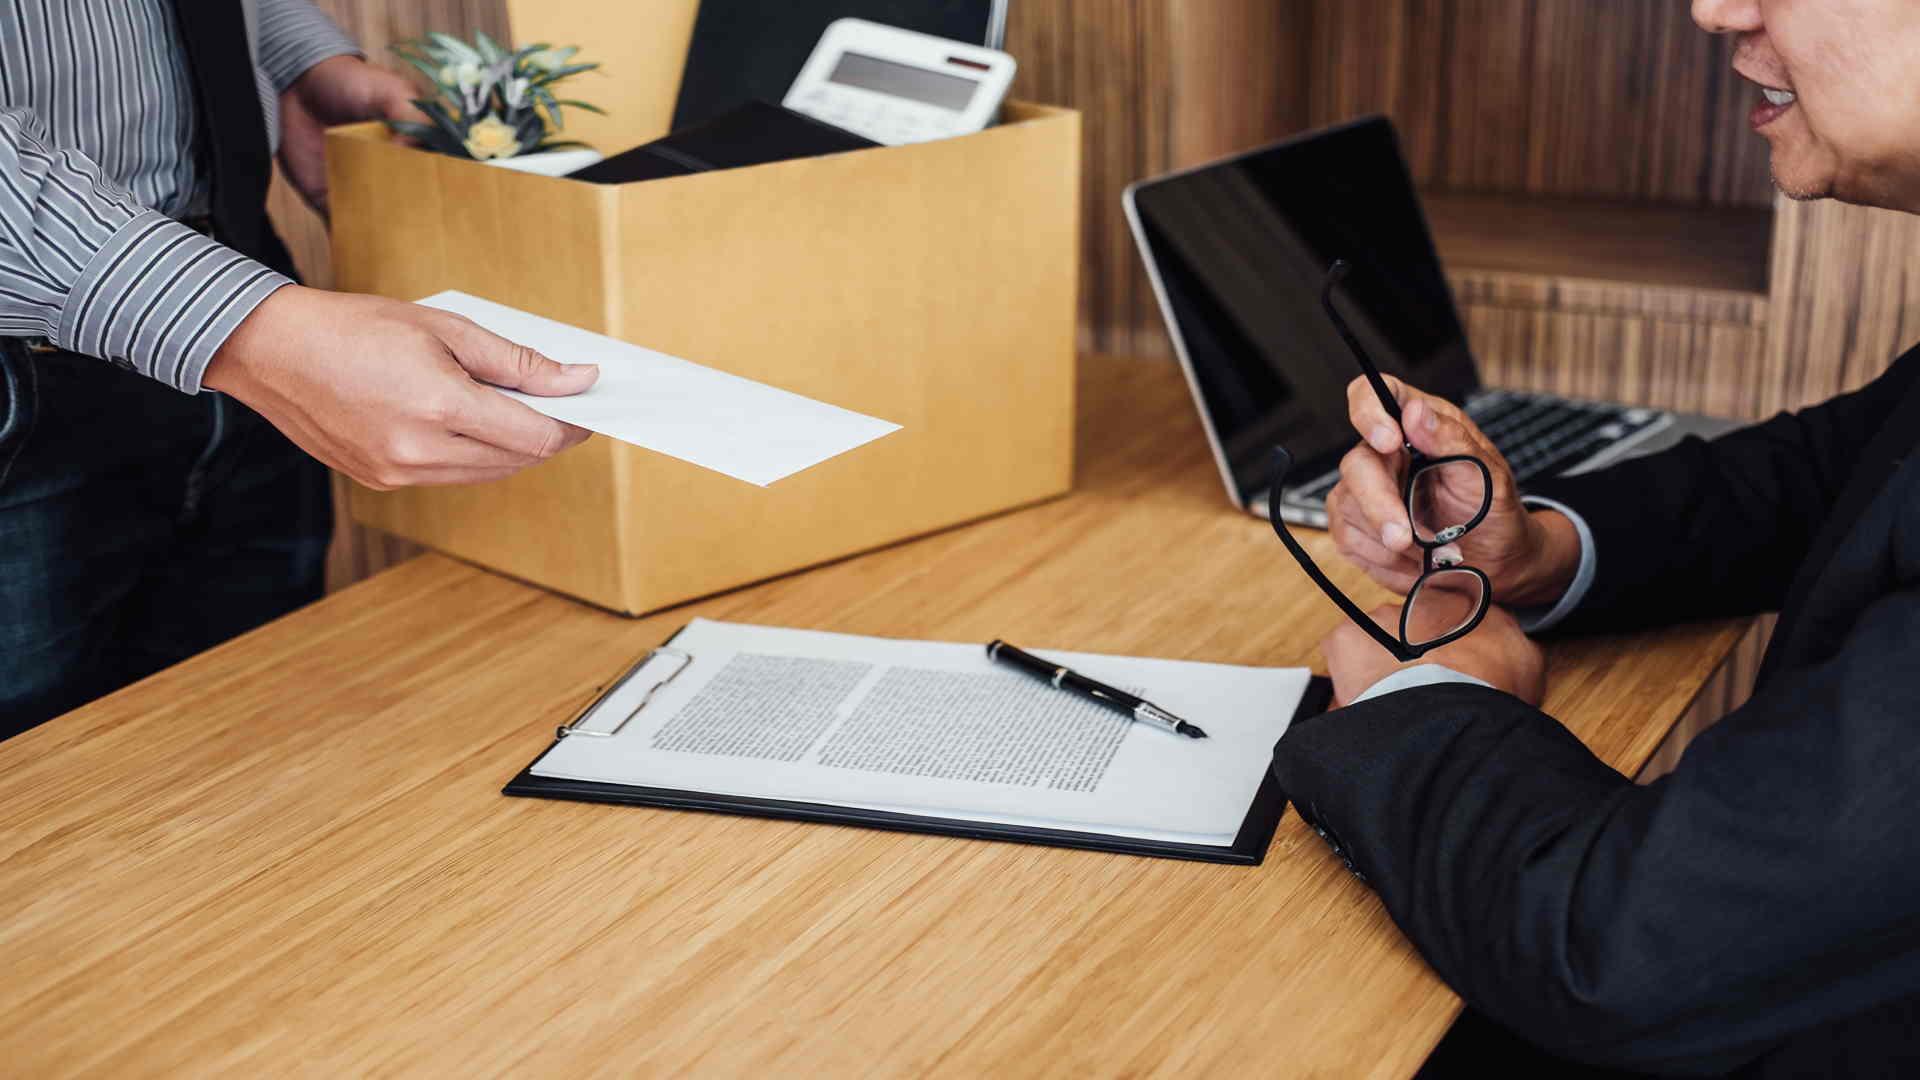 עובד נותן הודעה מוקדמת על התפטרות